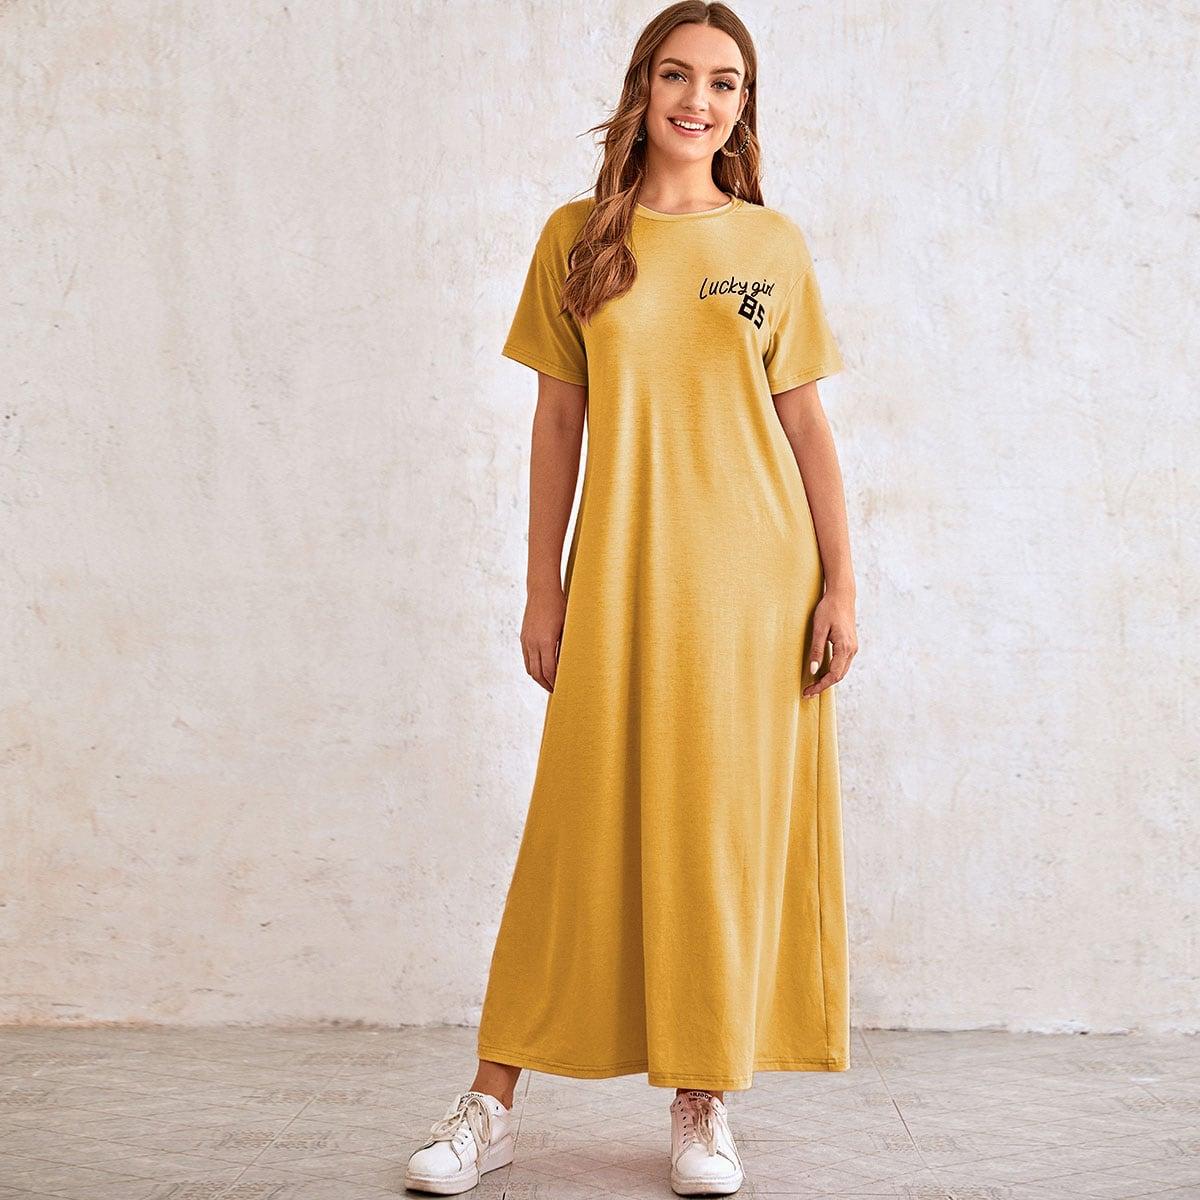 Платье с текстовым принтом фото